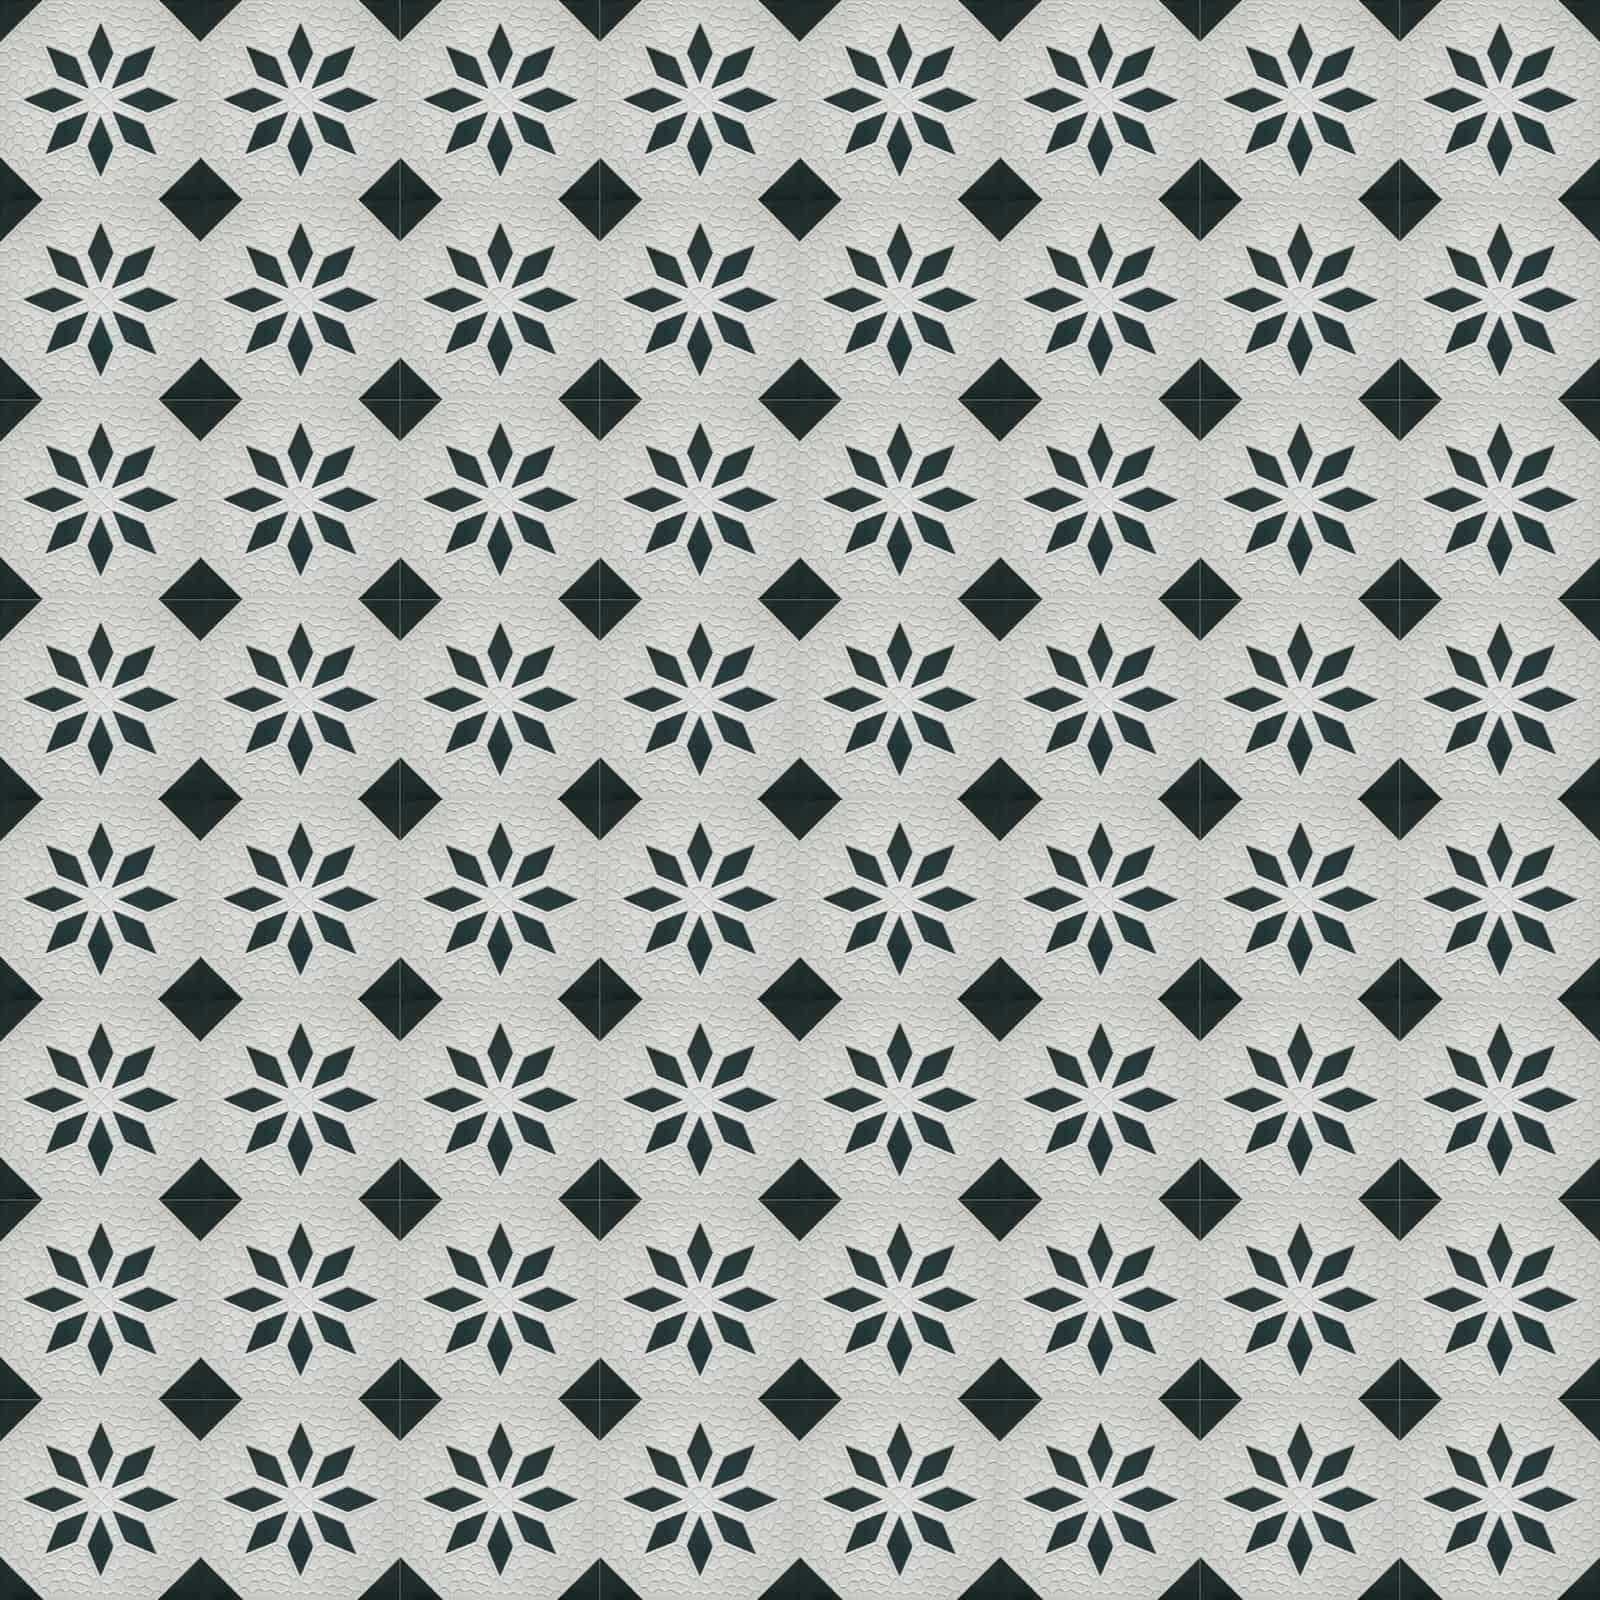 zementfliesen-terrazzofliesen-kreidefarbe-terrazzo-fugenlos-viaplatten-40160-verlegemuster | 40160